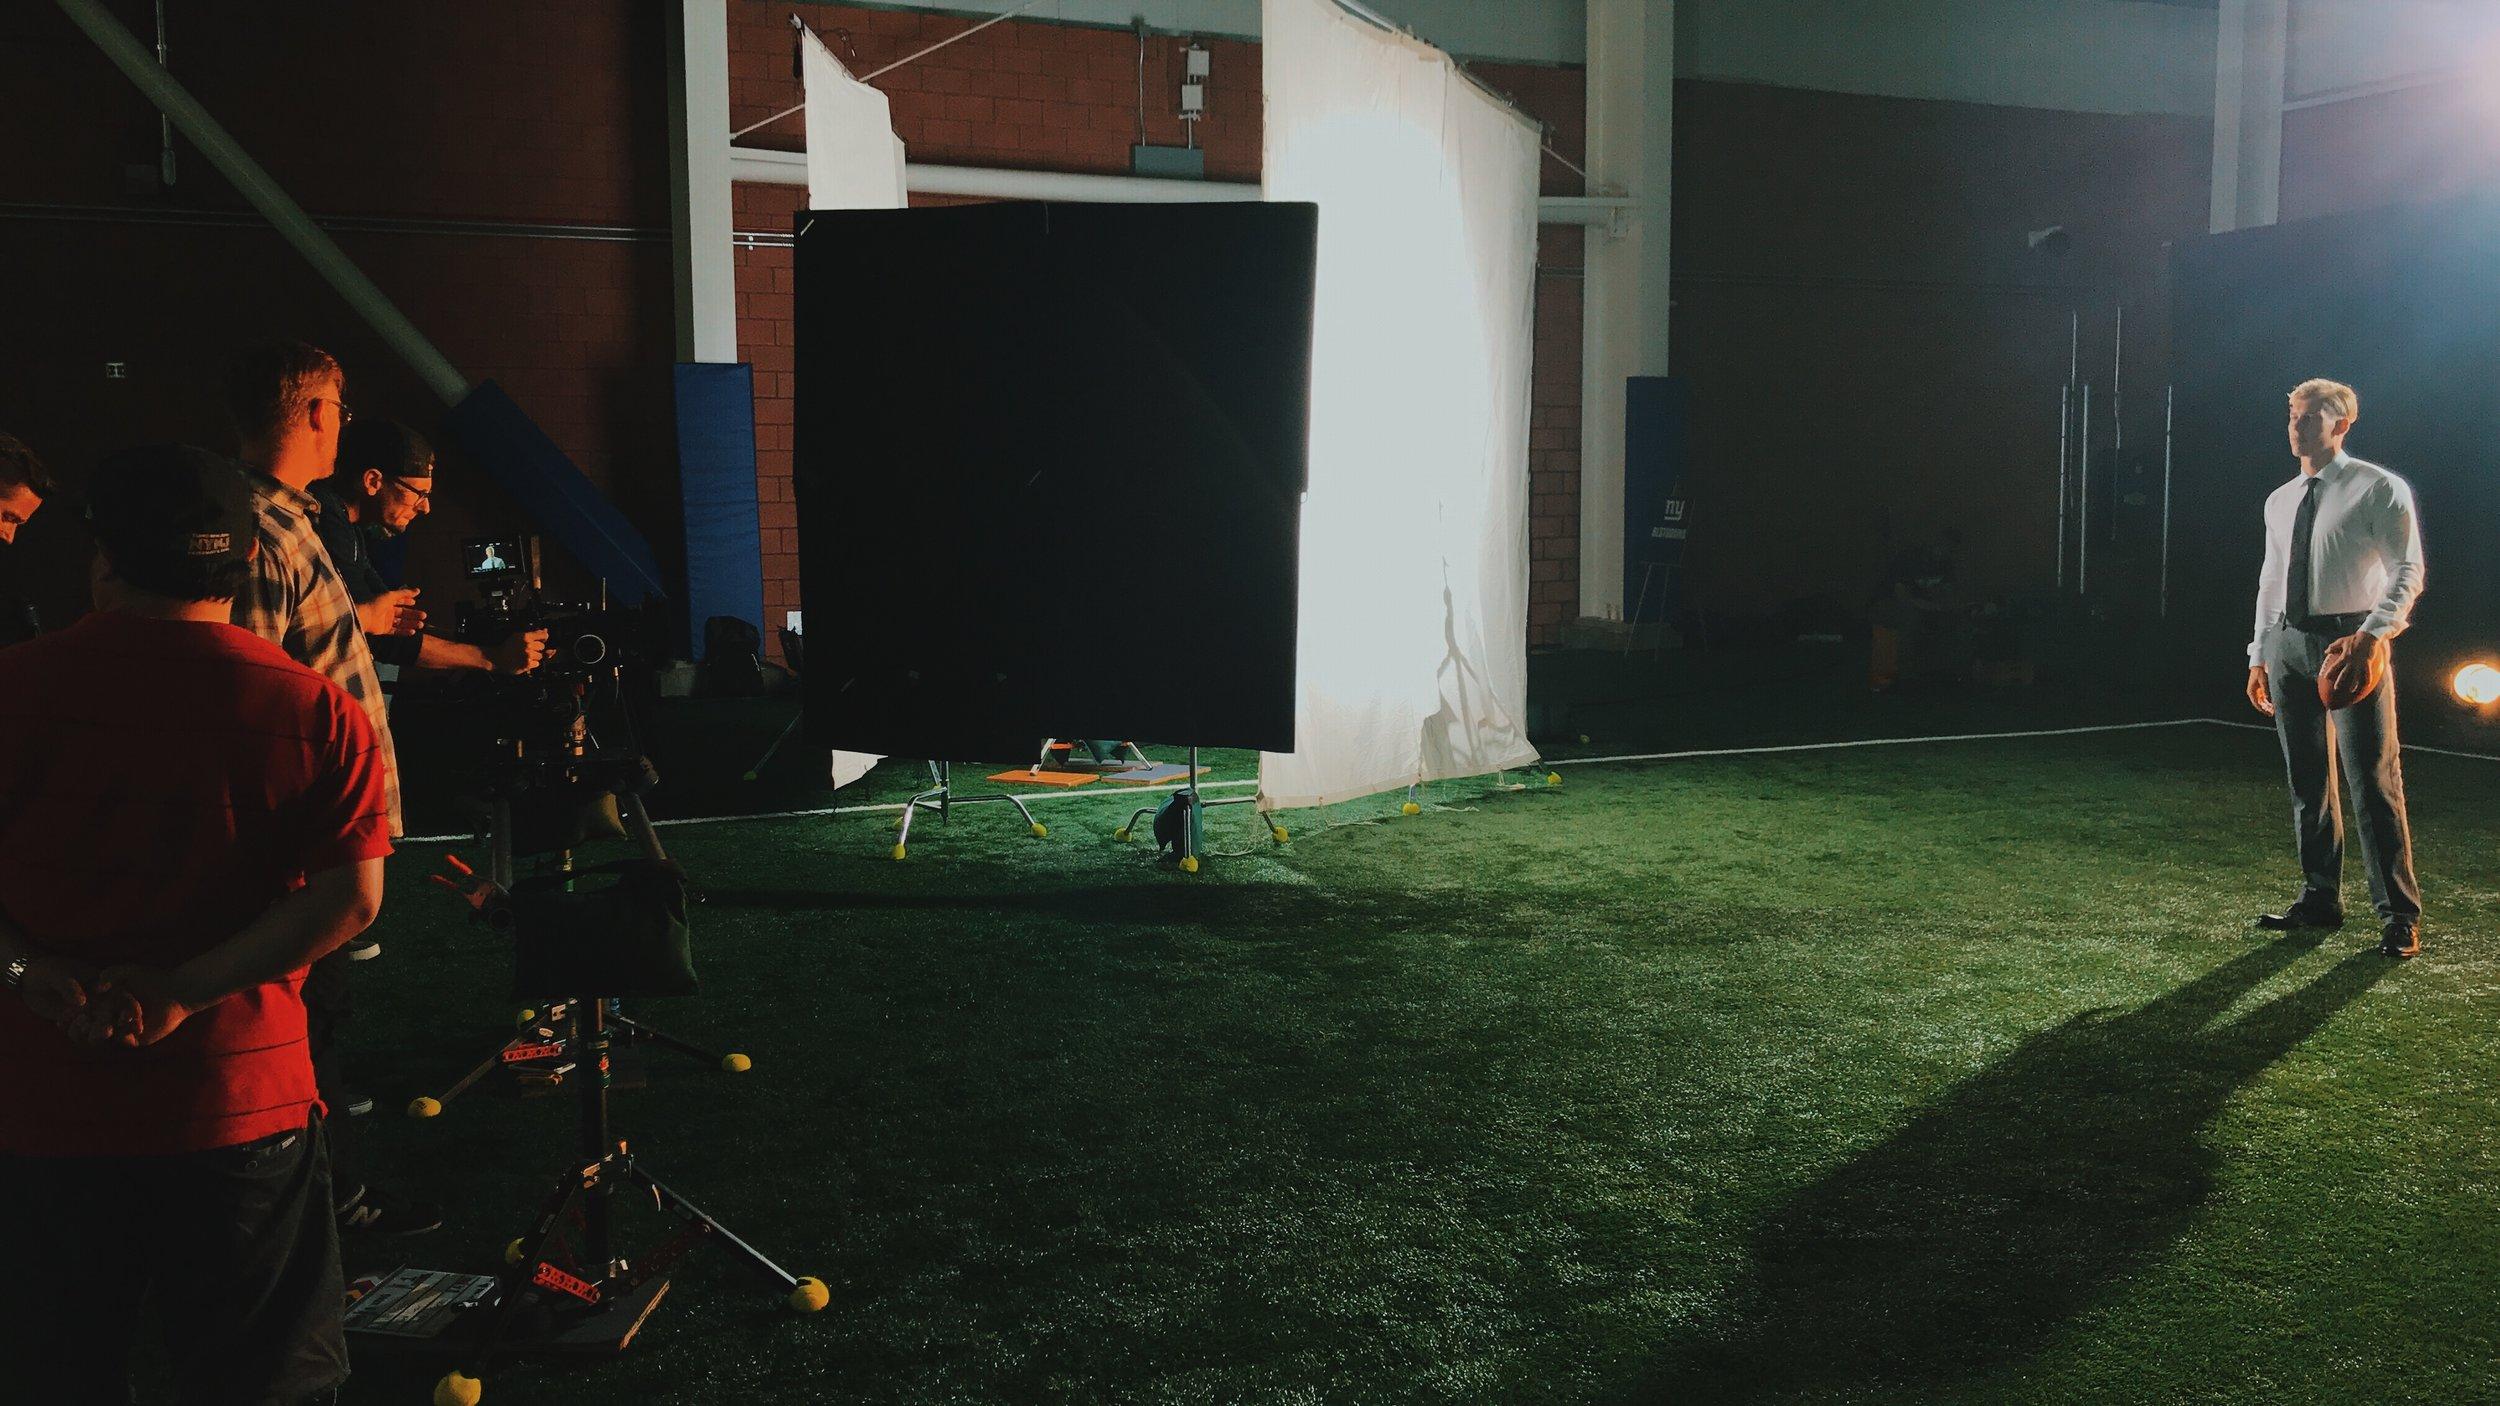 New Jersey Video Production - Hologram Visuals - Van Heusen - BTS - 2